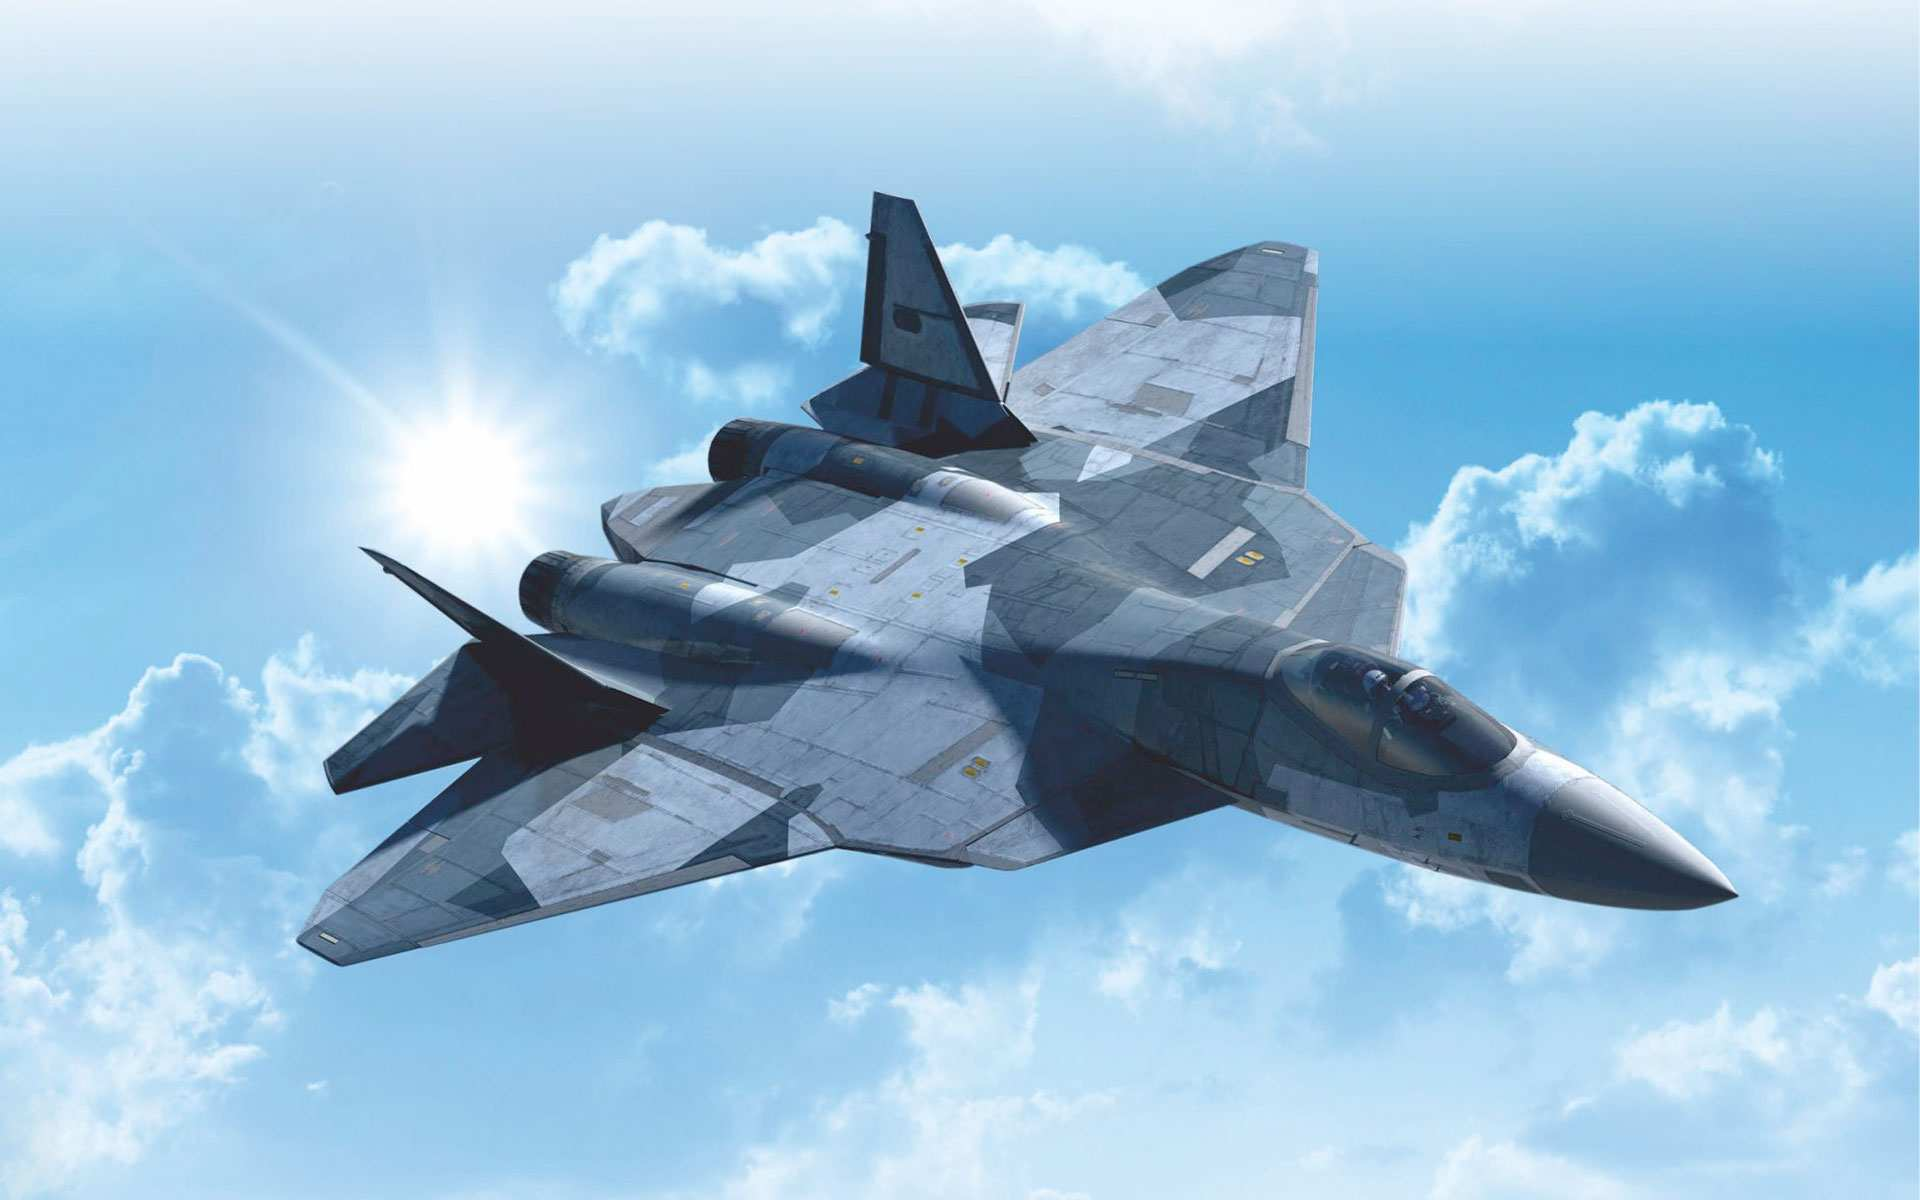 Шойгу рассказал, что на самом деле делали в Сирии новейшие Су-57 и сколько их было | Русская весна